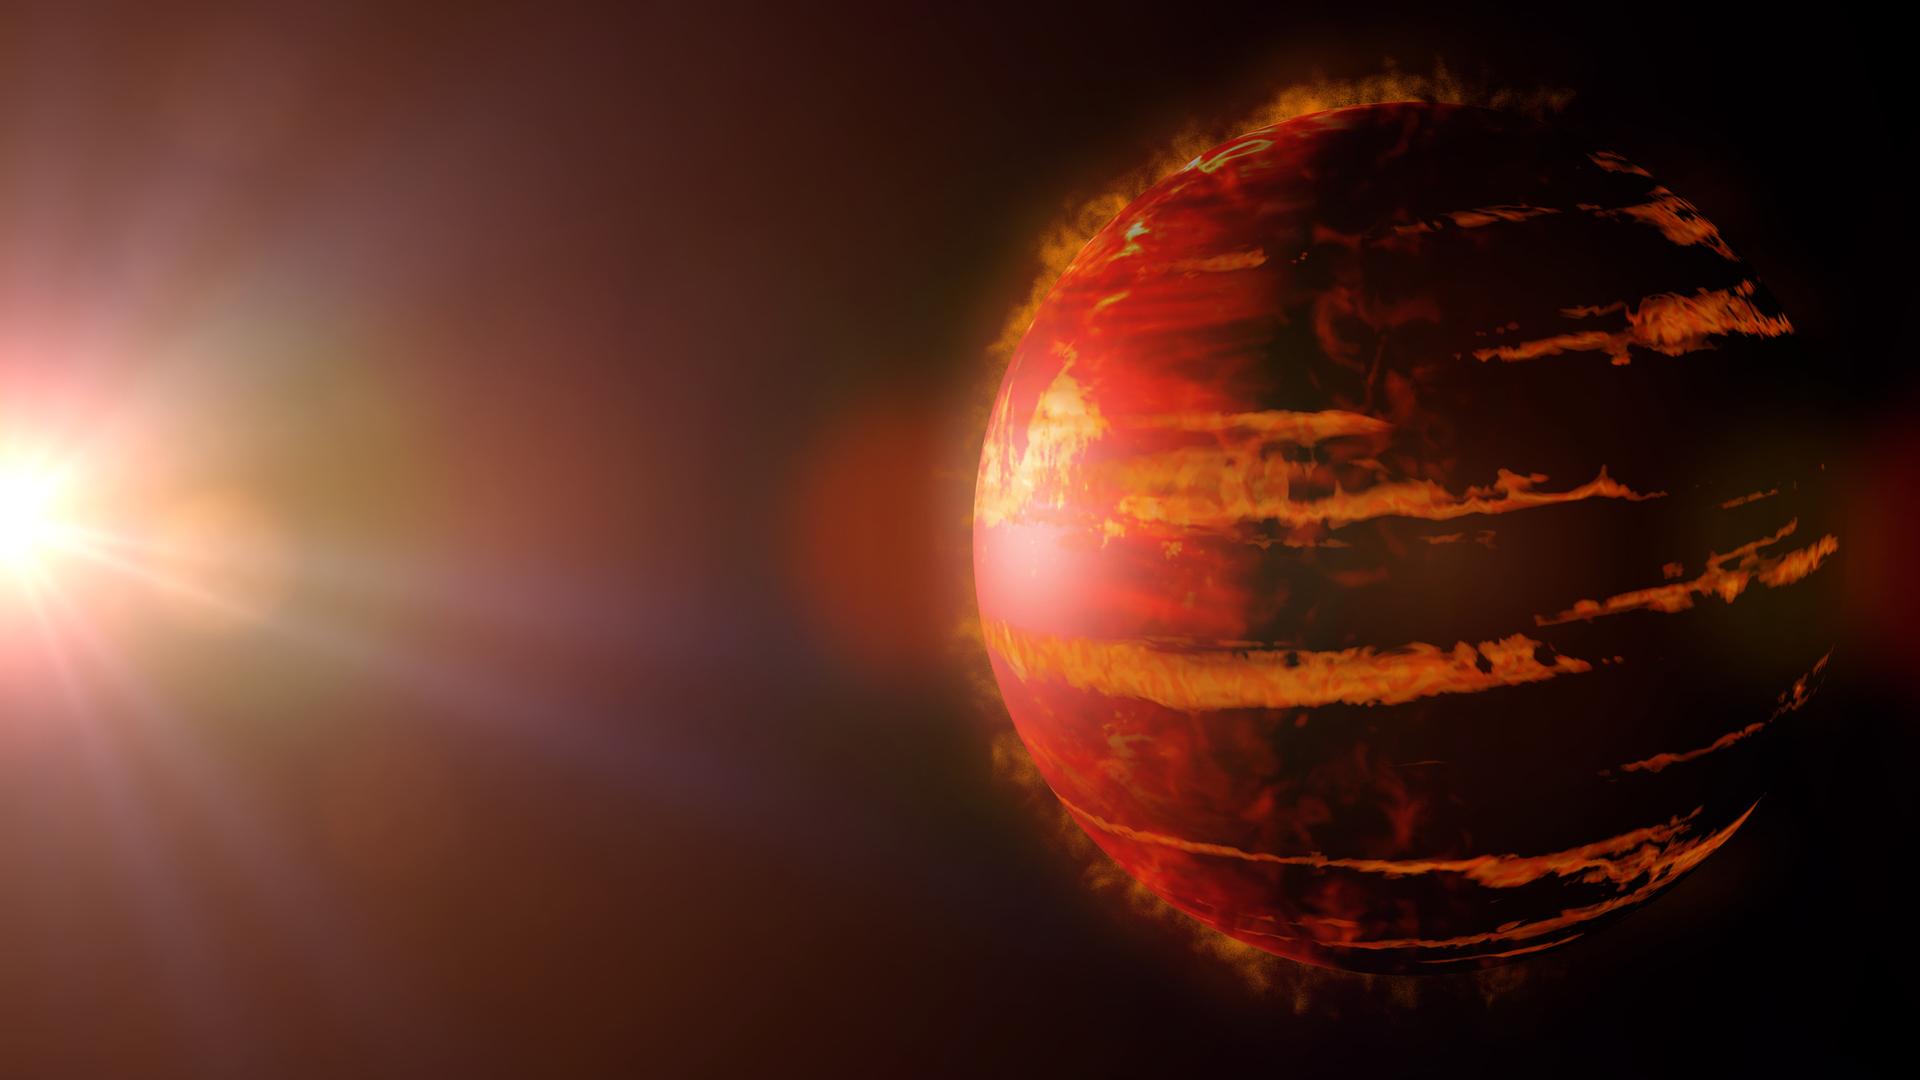 اكتشاف كوكب خارج المجموعة الشمسية شديد الحرارة وبأضعاف حجم كوكب المشتري